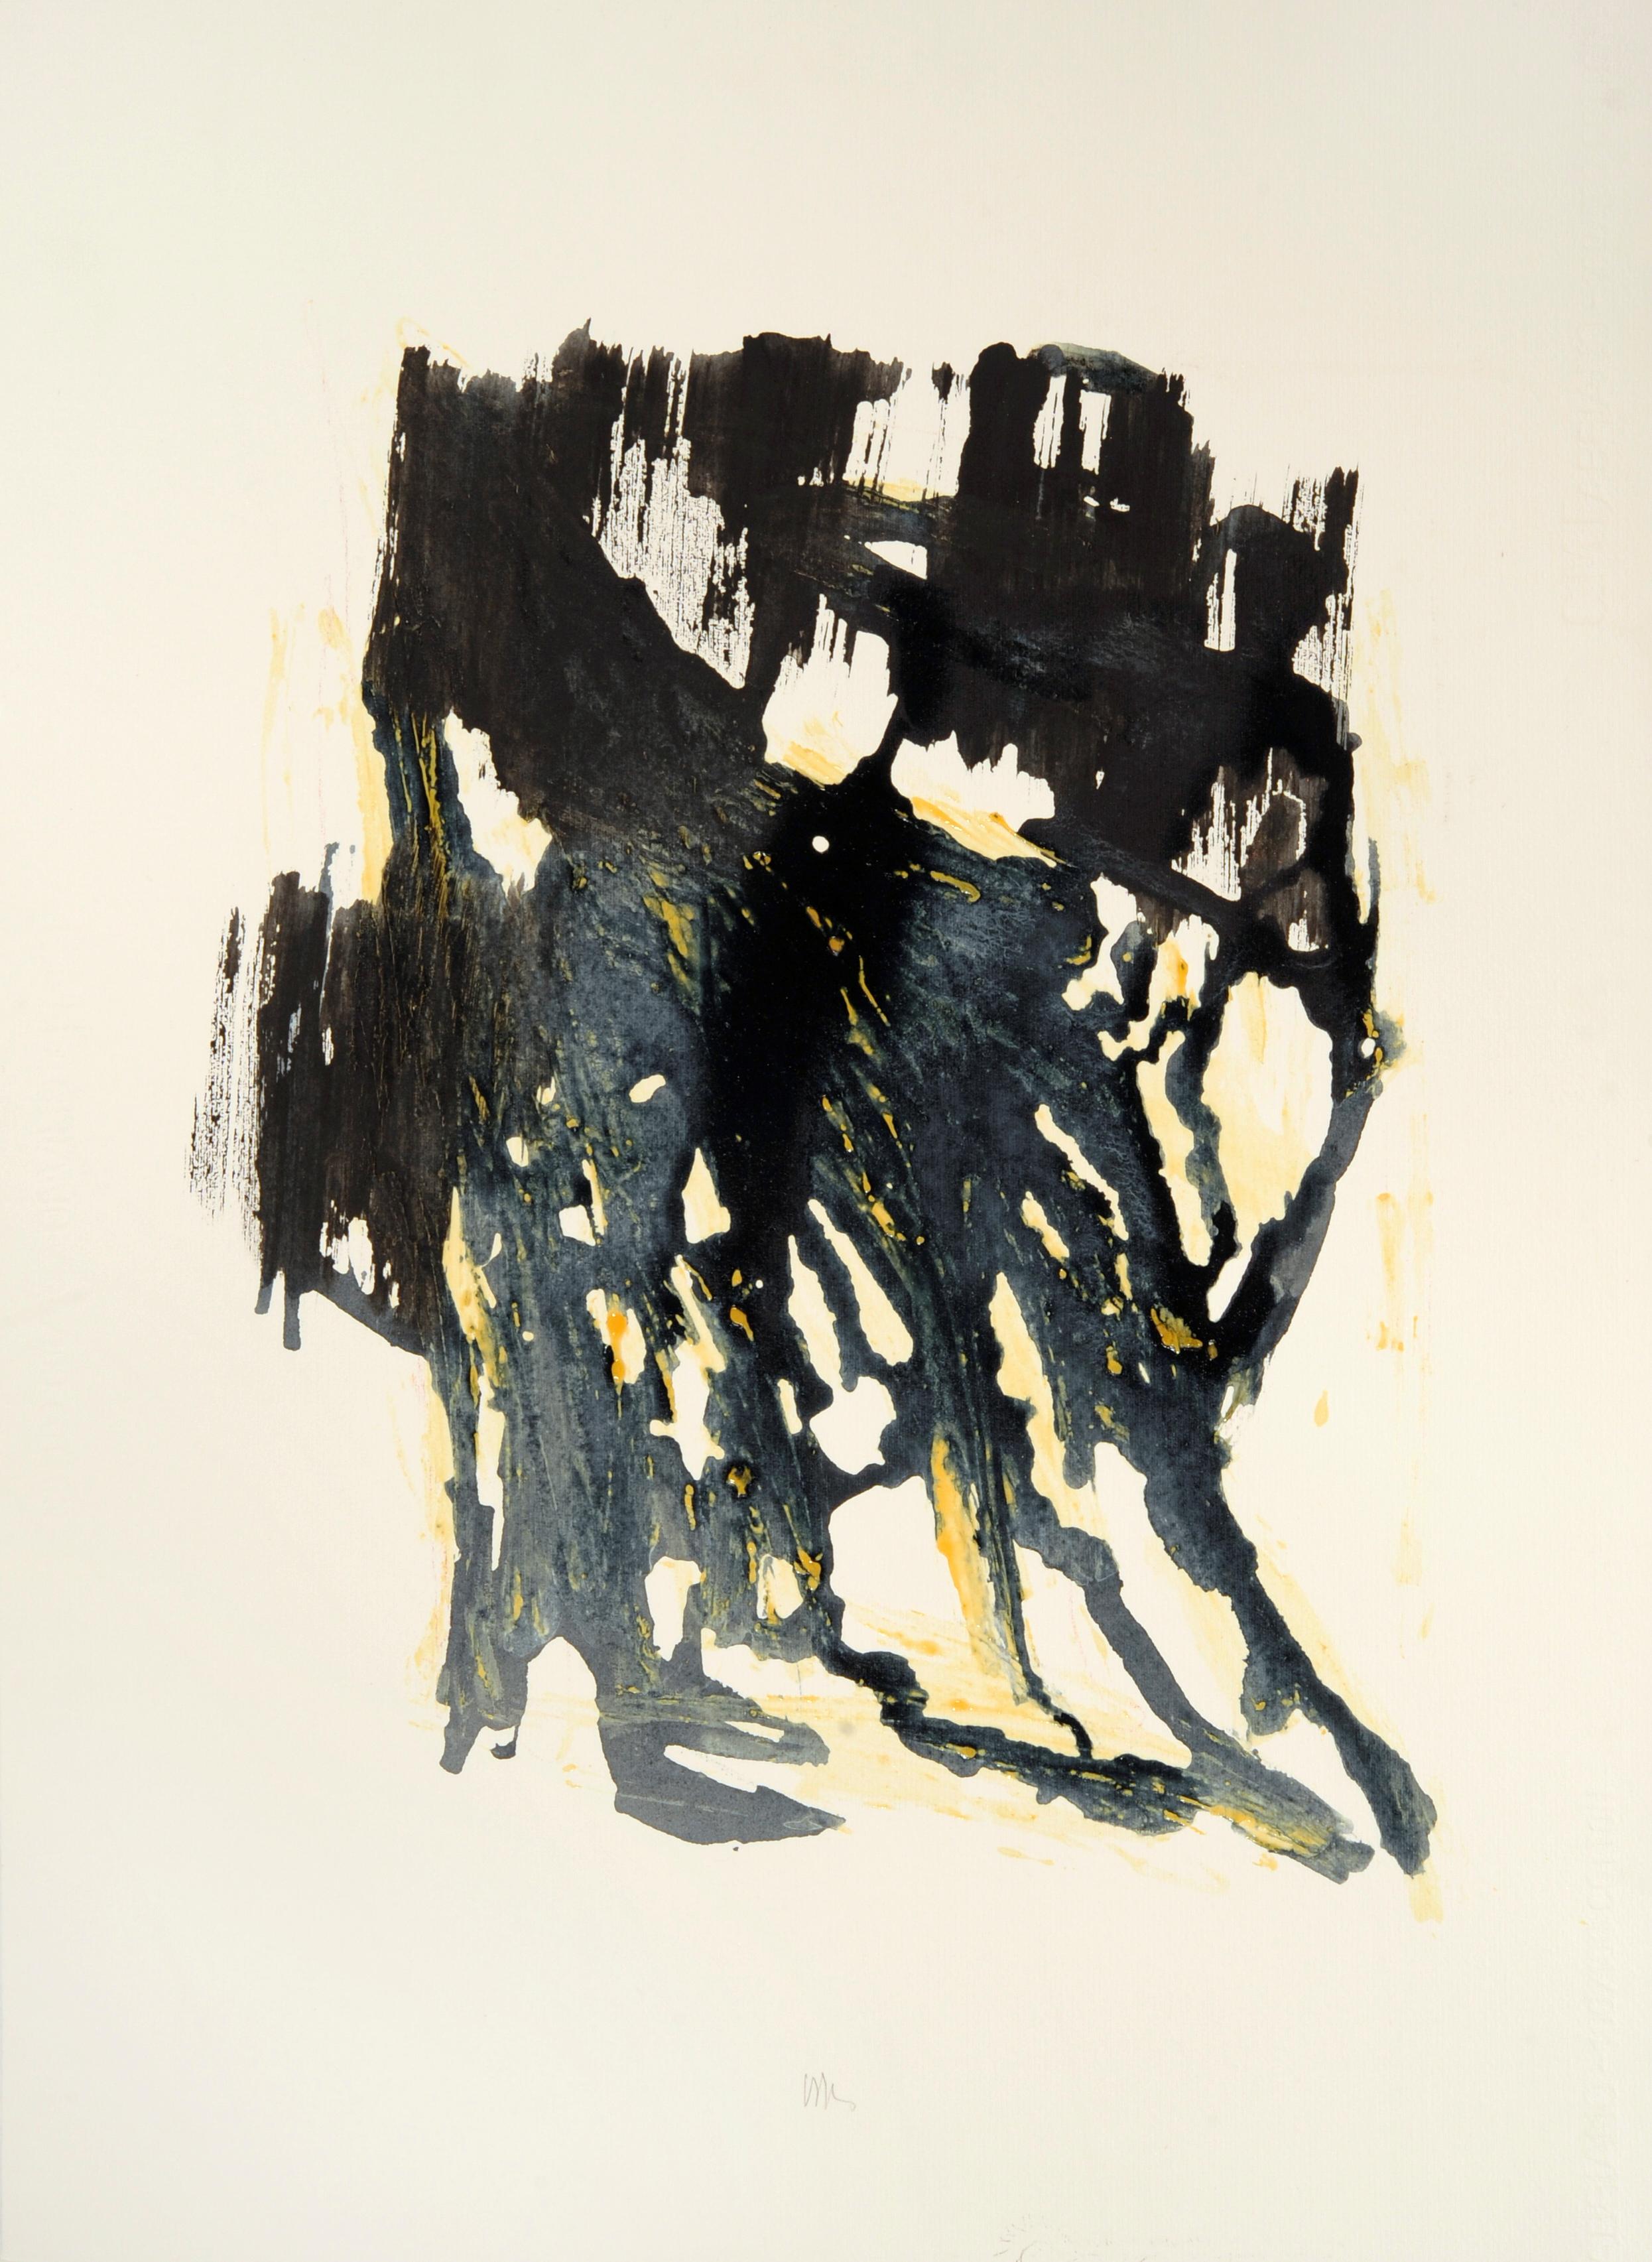 """senza titolo, dalla serie """"13 carte Fabriano"""", 1991, acrilico su carta Fabriano, cm 76 x 57  untitled, from the series """"13 carte Fabriano"""", 1991, acrylic on Fabriano paper,cm 76 x 57"""